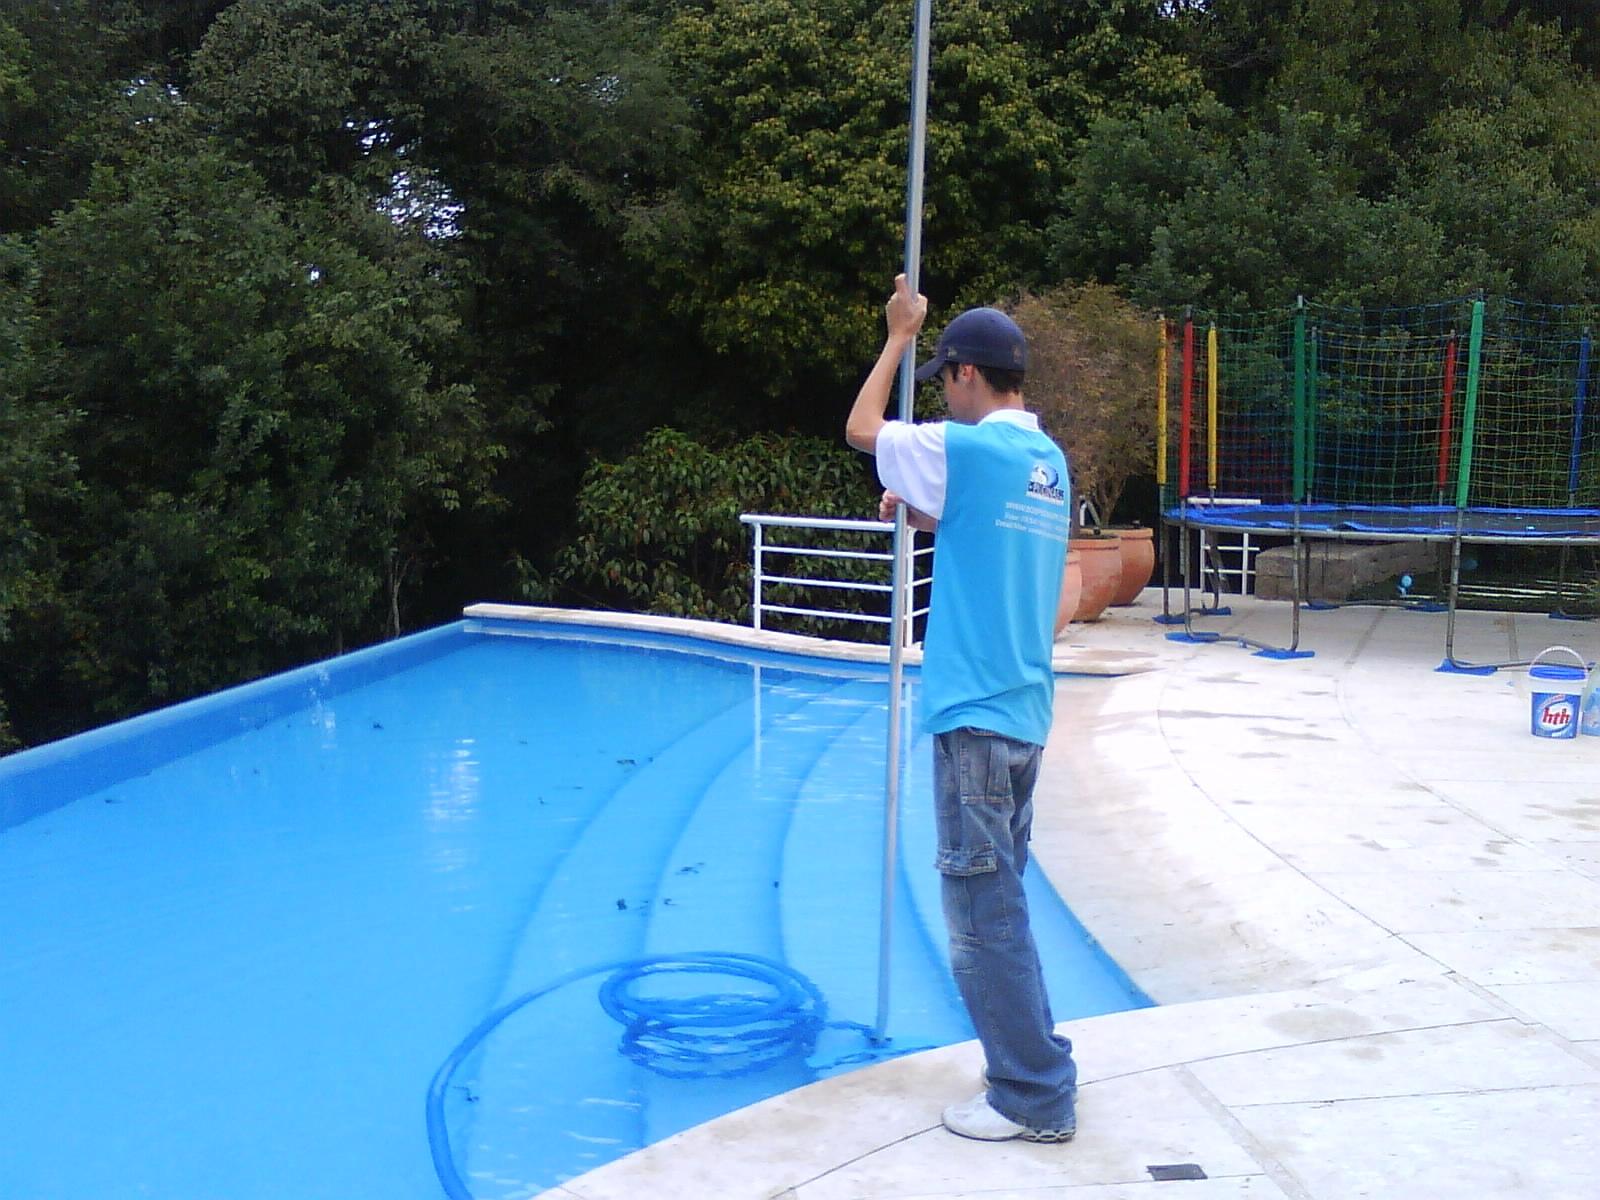 Piscinas brasil - Irritazione da cloro piscina ...